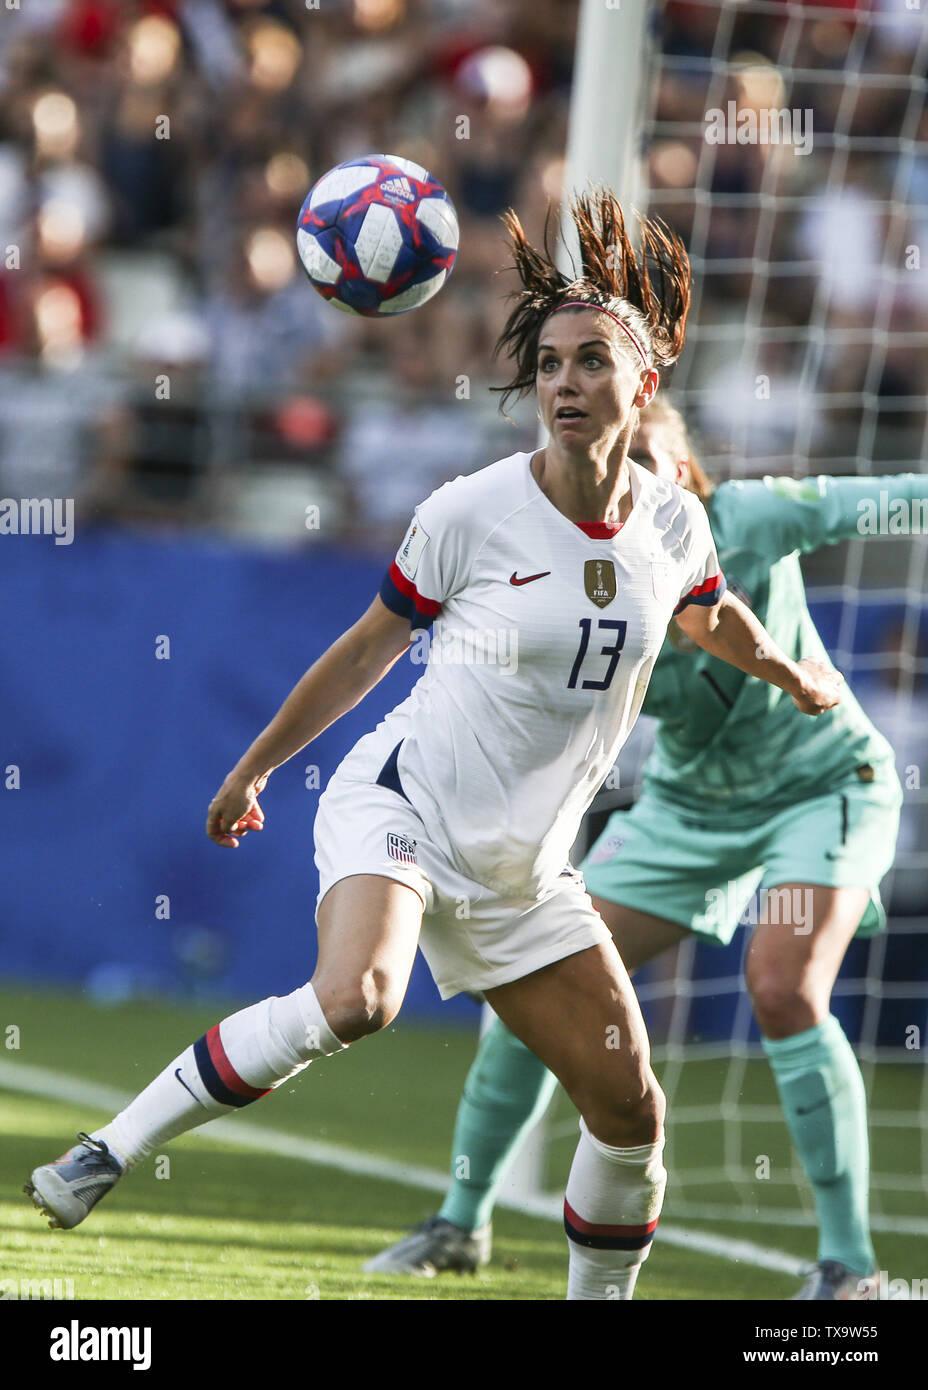 Junio 24, 2019 - Alex Morgan (Estados Unidos), en la Francia de 2019 Mujeres de la Copa del Mundo en octavos de final del partido de fútbol entre España y EE.UU., el 24 de junio de 2019, en el estadio Auguste-Delaune en Reims, en el norte de Francia. (Crédito de la Imagen: © Elyxandro CegarraZUMA Wire) Imagen De Stock